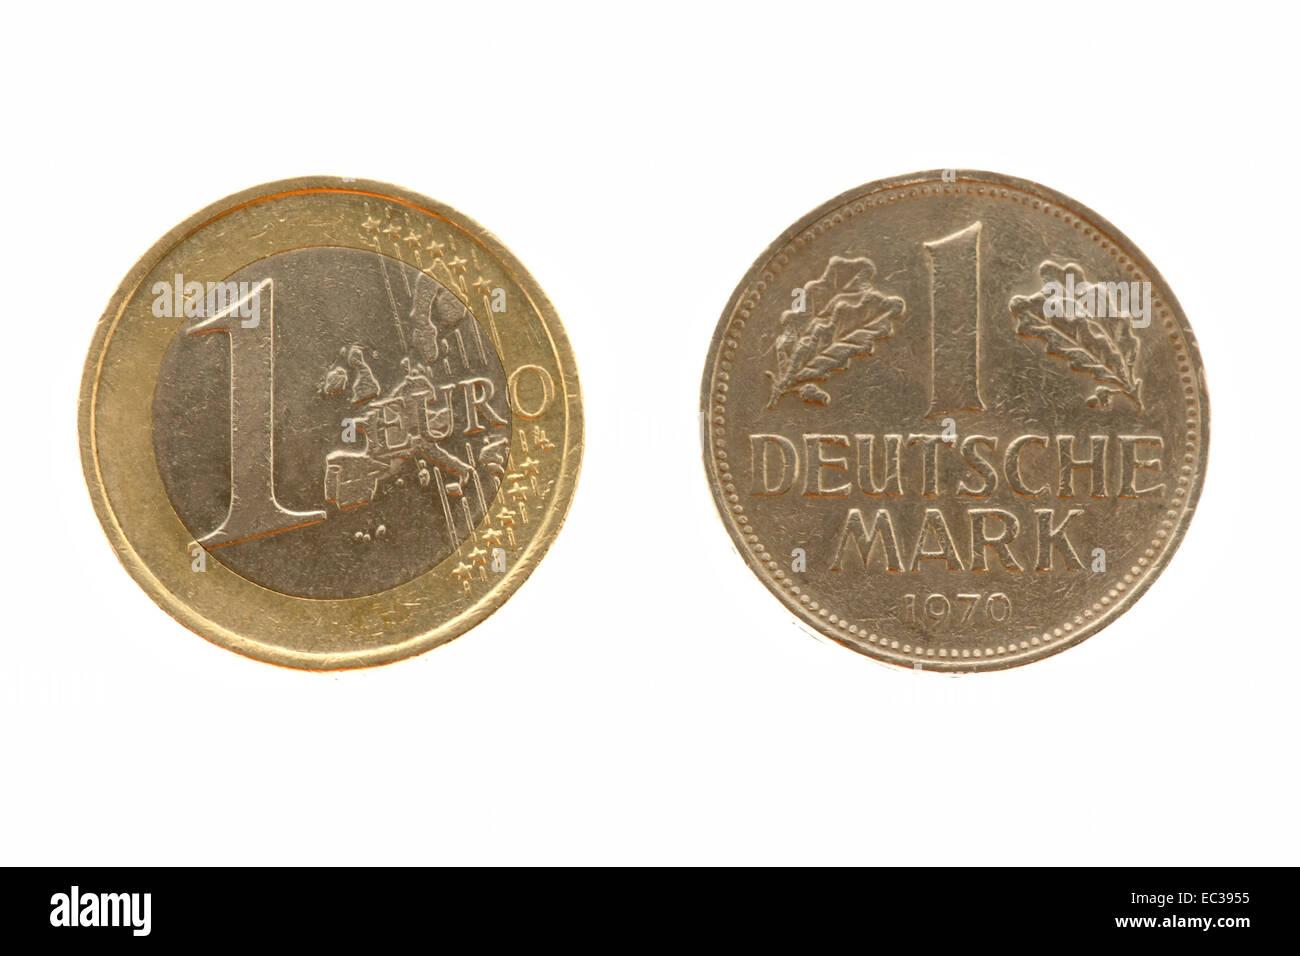 Eine 1 Euro Münze Und Eine 1 Dm Münze Stockfoto Bild 76290401 Alamy